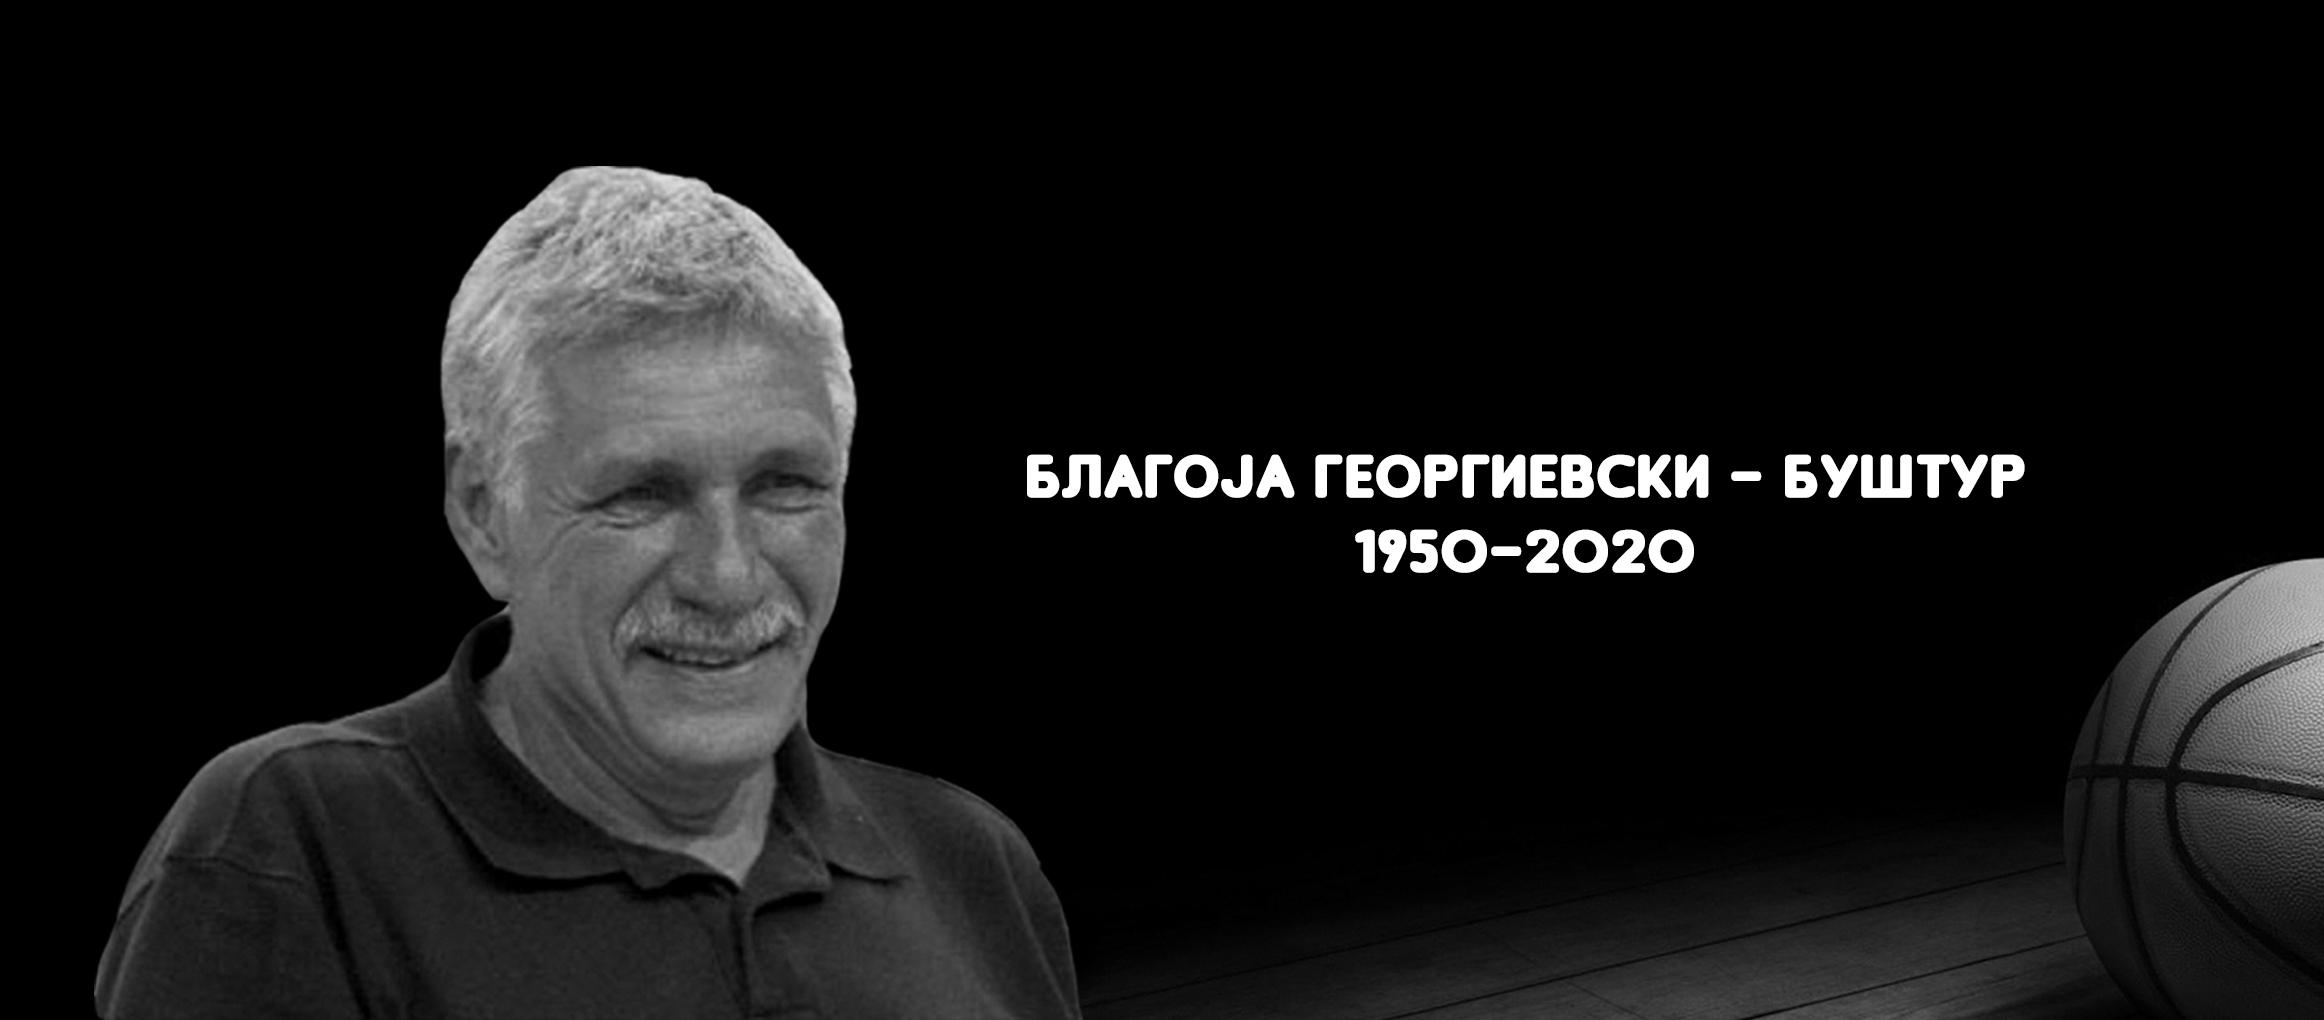 Комеморација за Благоја Георгиевски-Буштур